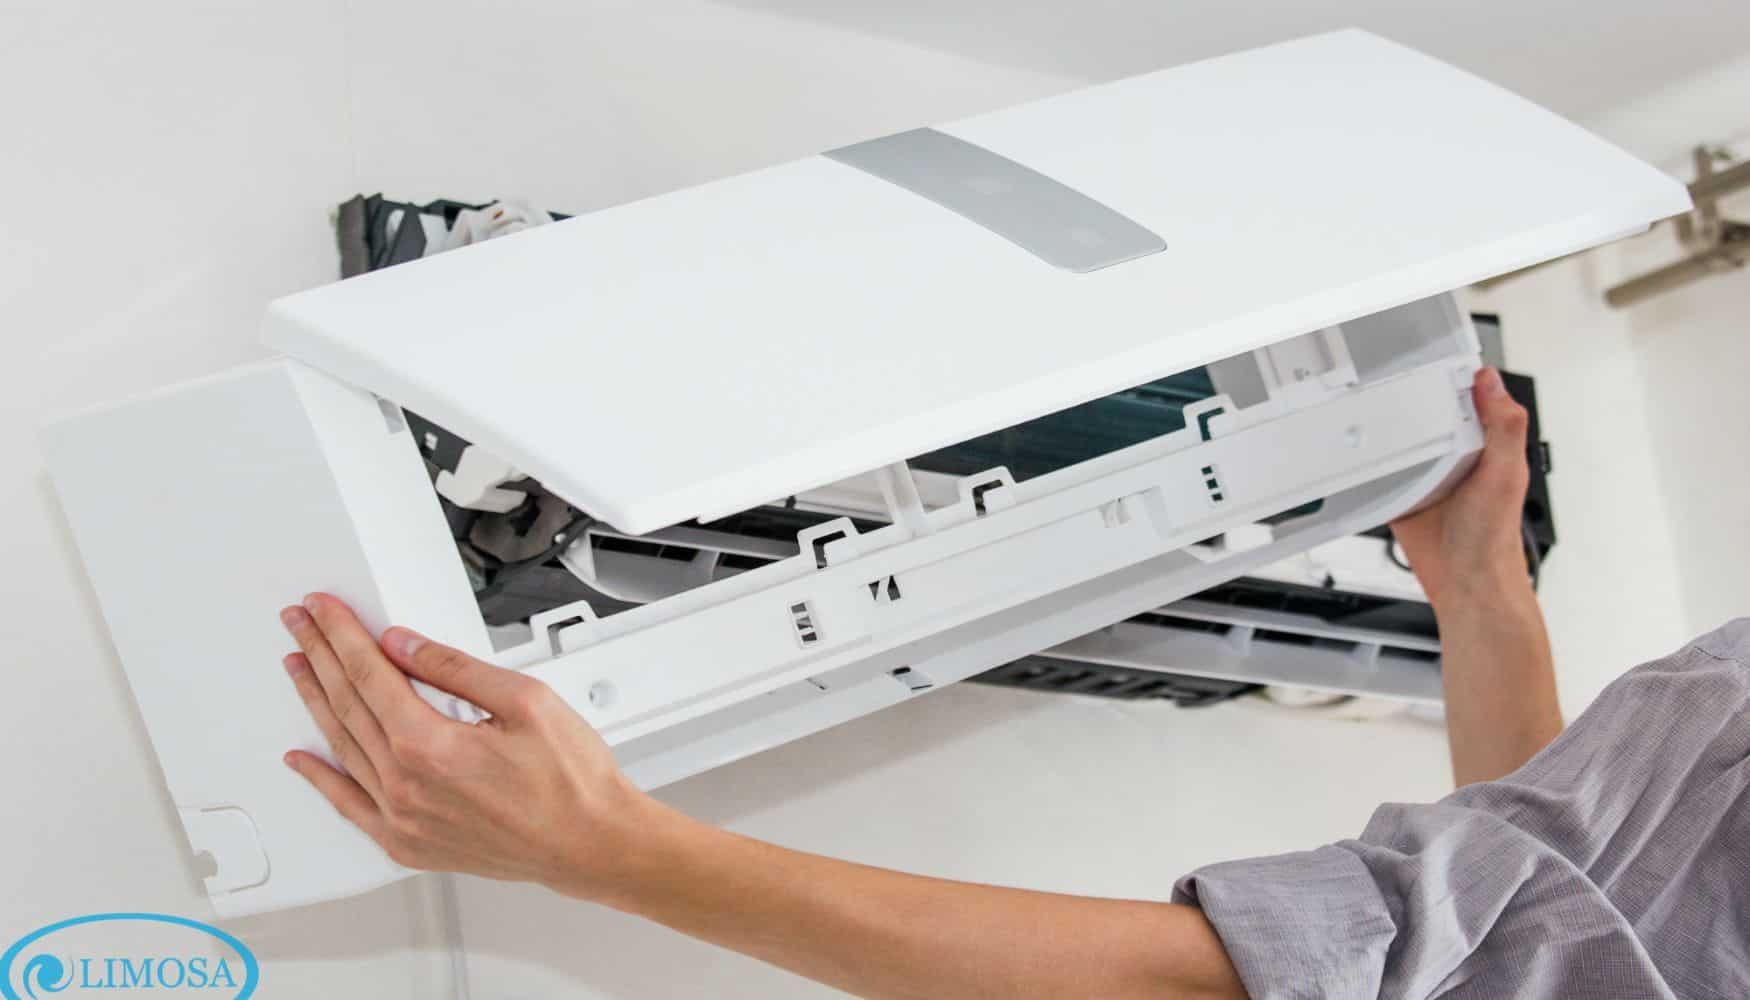 Vì sao bạn nên chọn dịch vụ sửa máy lạnh quận Bình Thạnh Limosa?